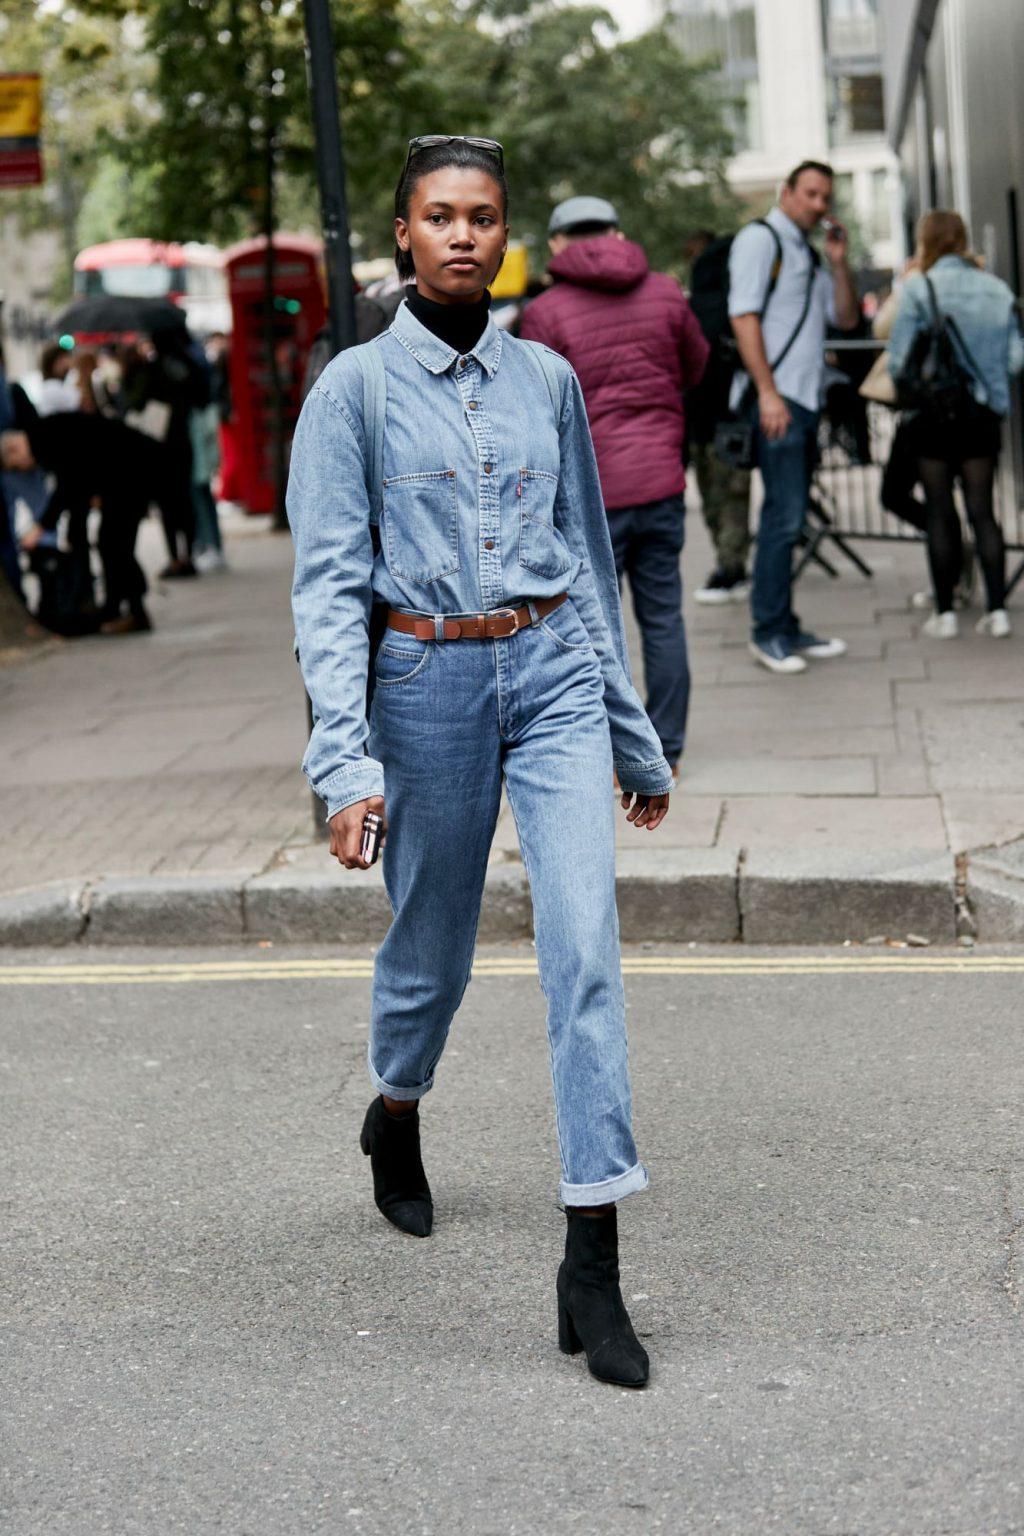 tuần lễ thời trang London 2019 14